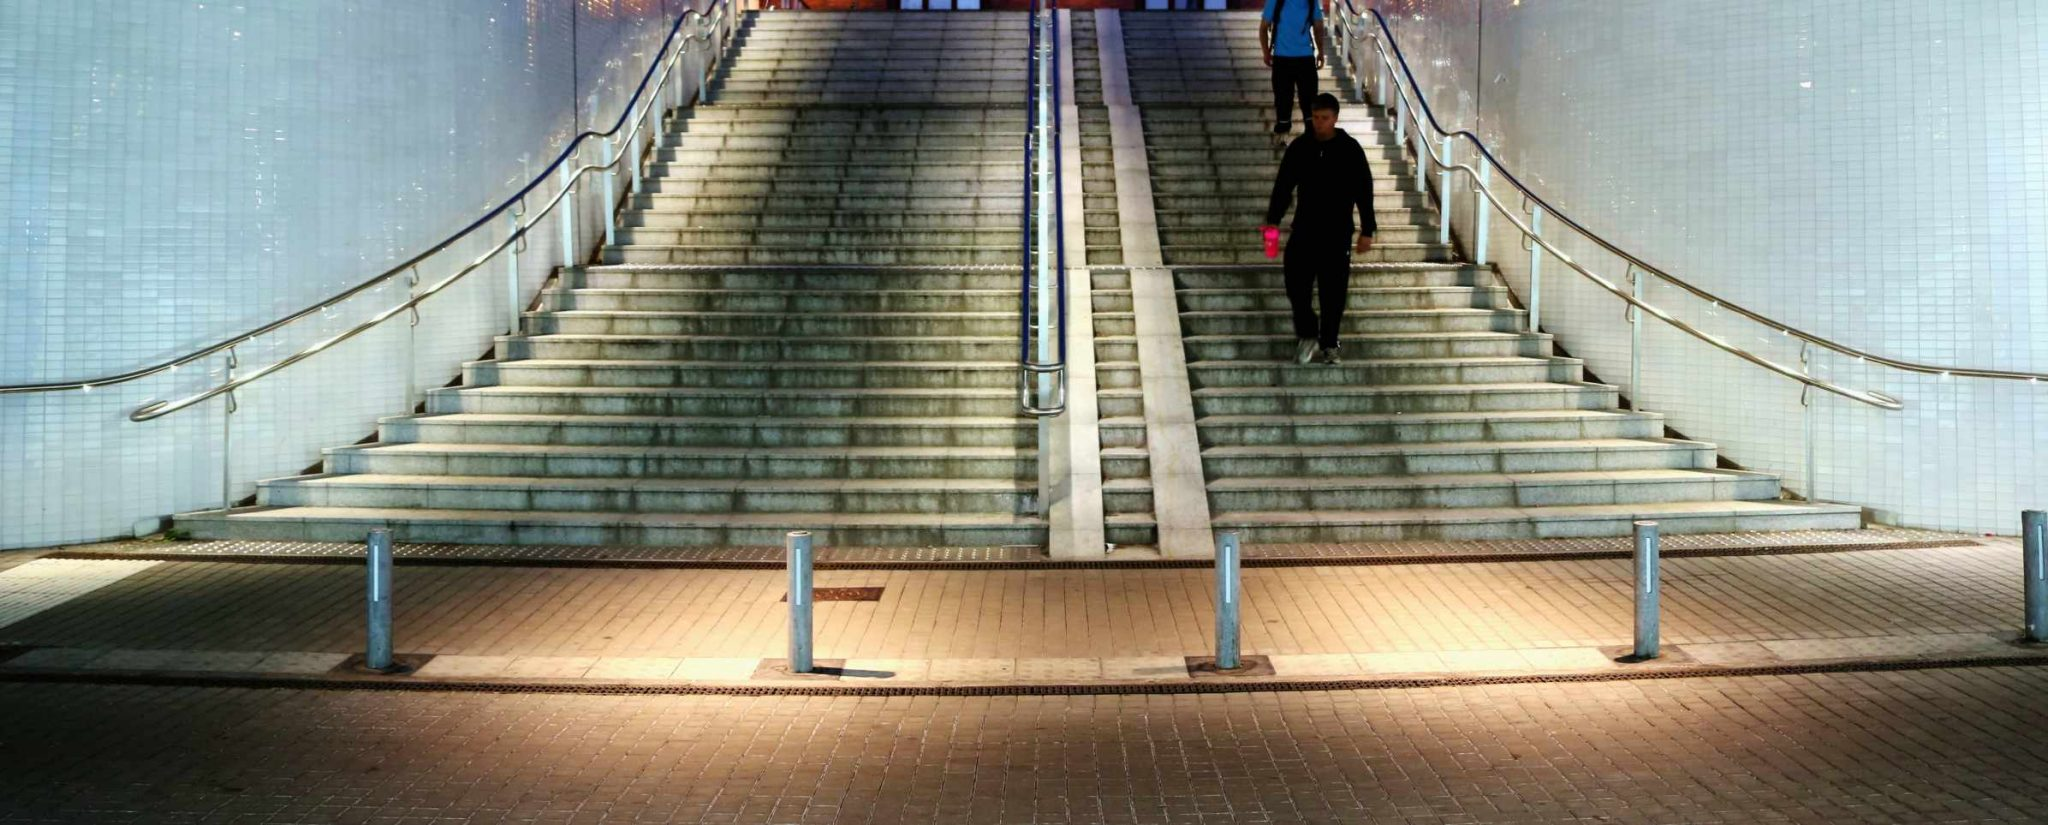 מעקה מדרגות ציבורי ברחוב לד ספוט